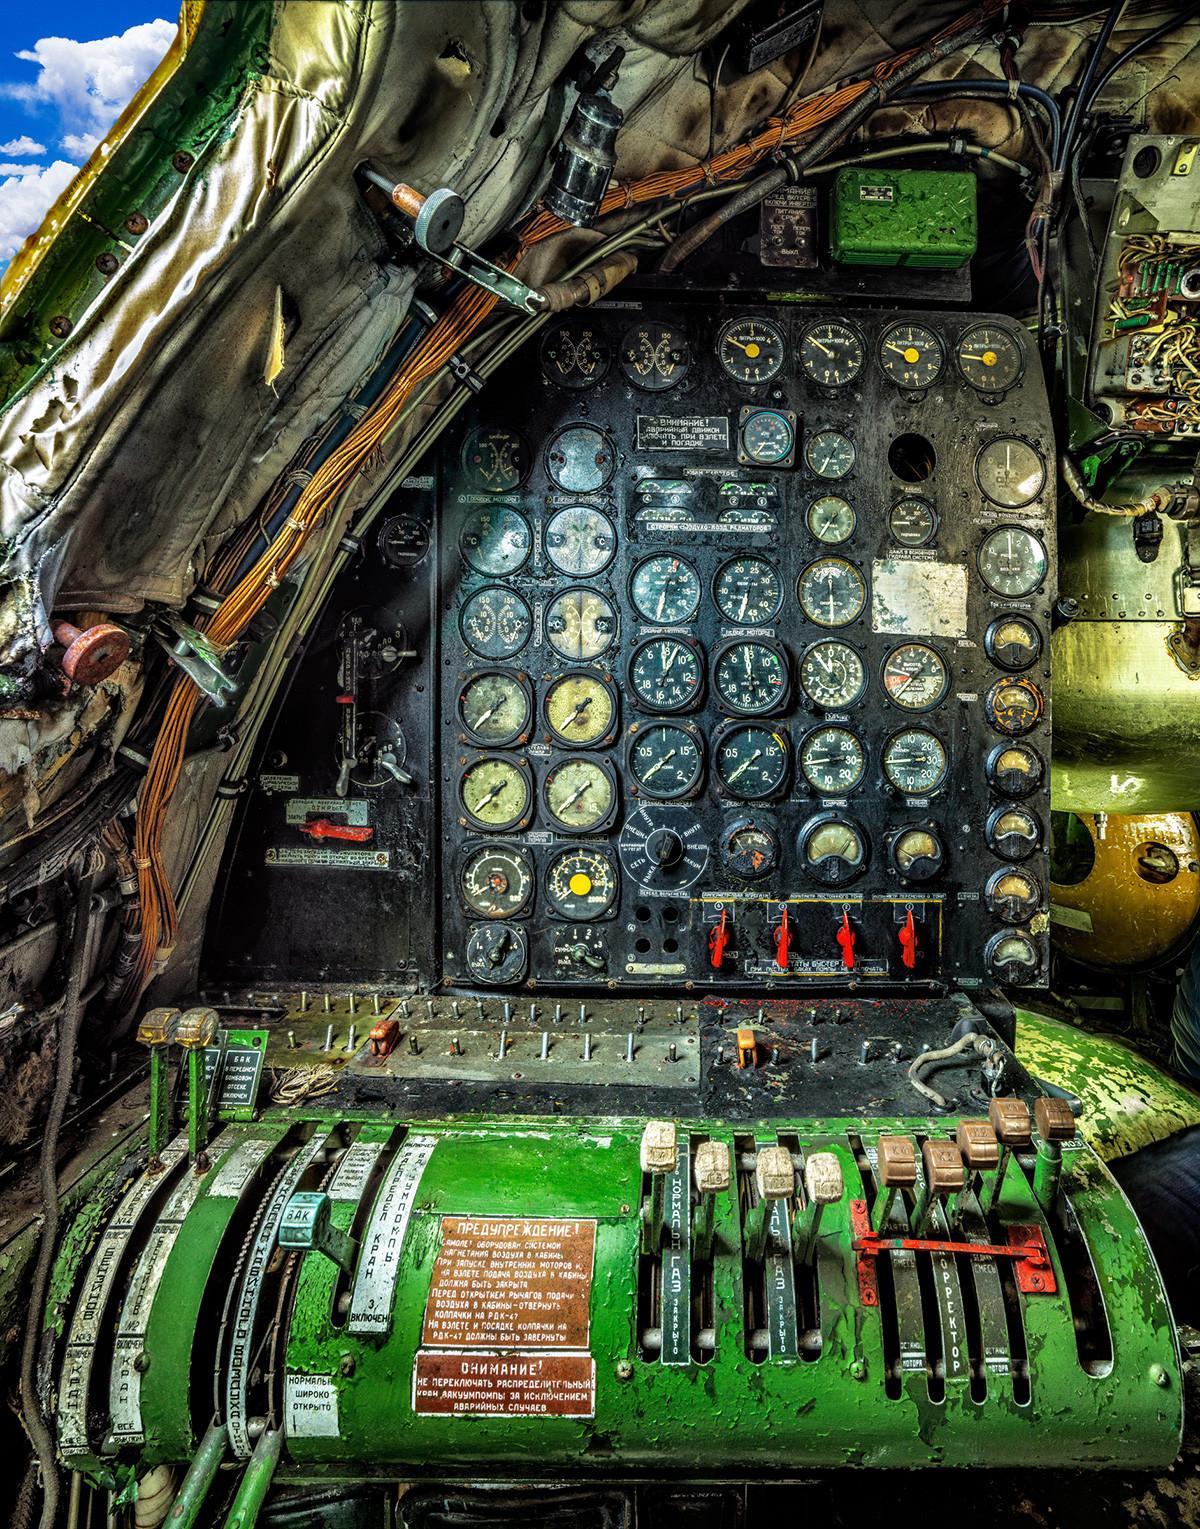 Tupolev Tu-4.